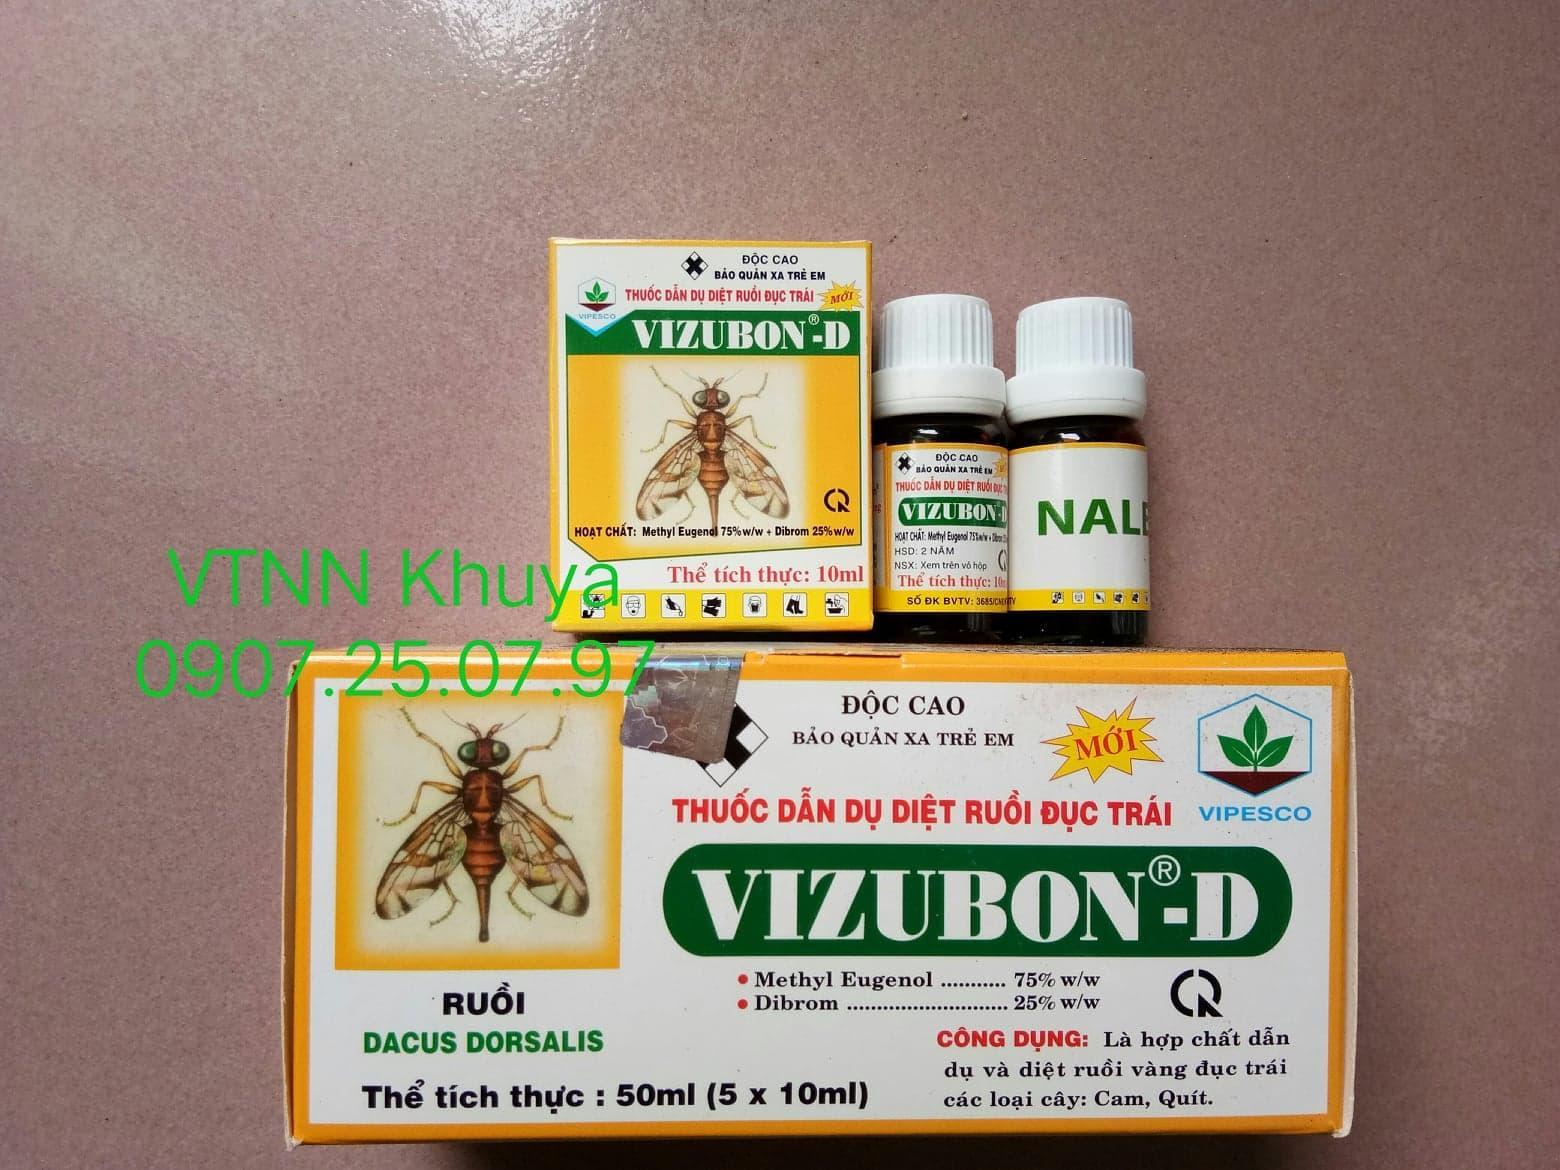 Thuốc dẫn dụ diệt ruồi đục trái VIZUBON D